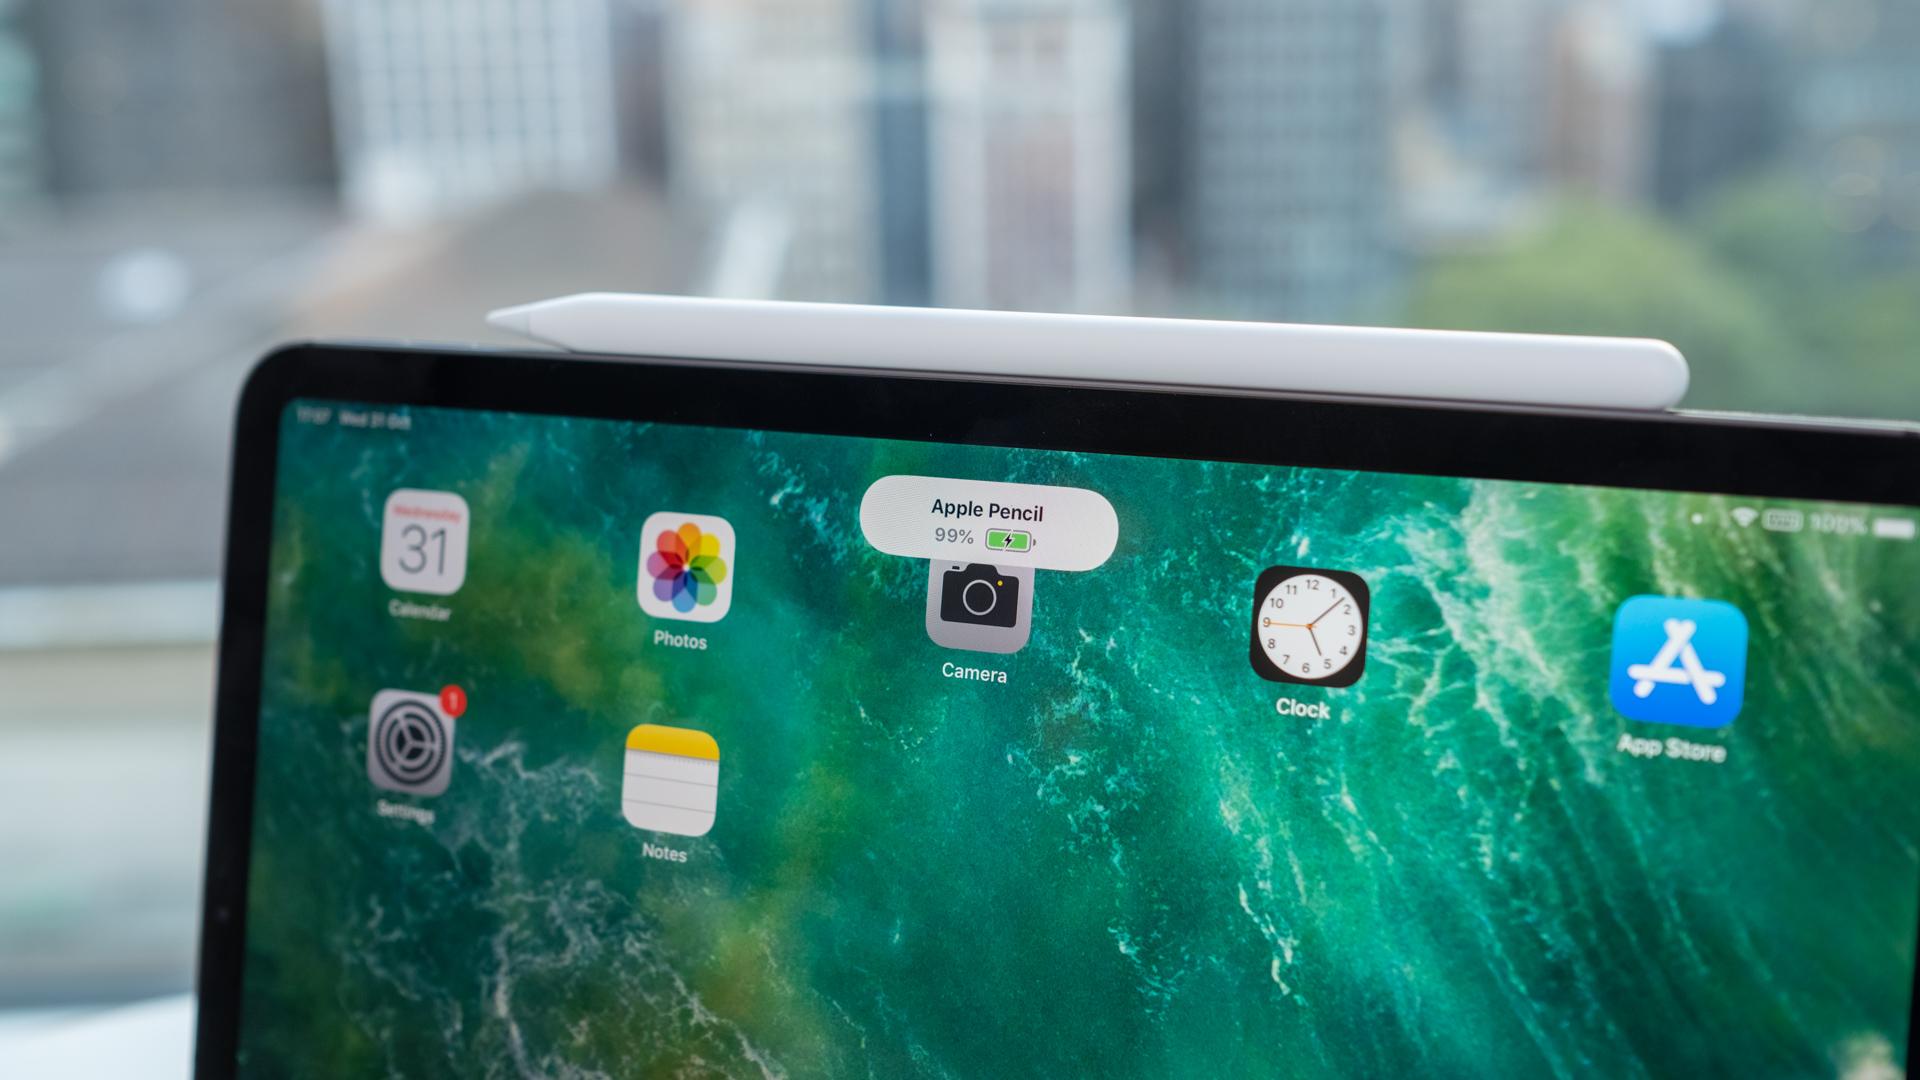 New iPad Pro 2019